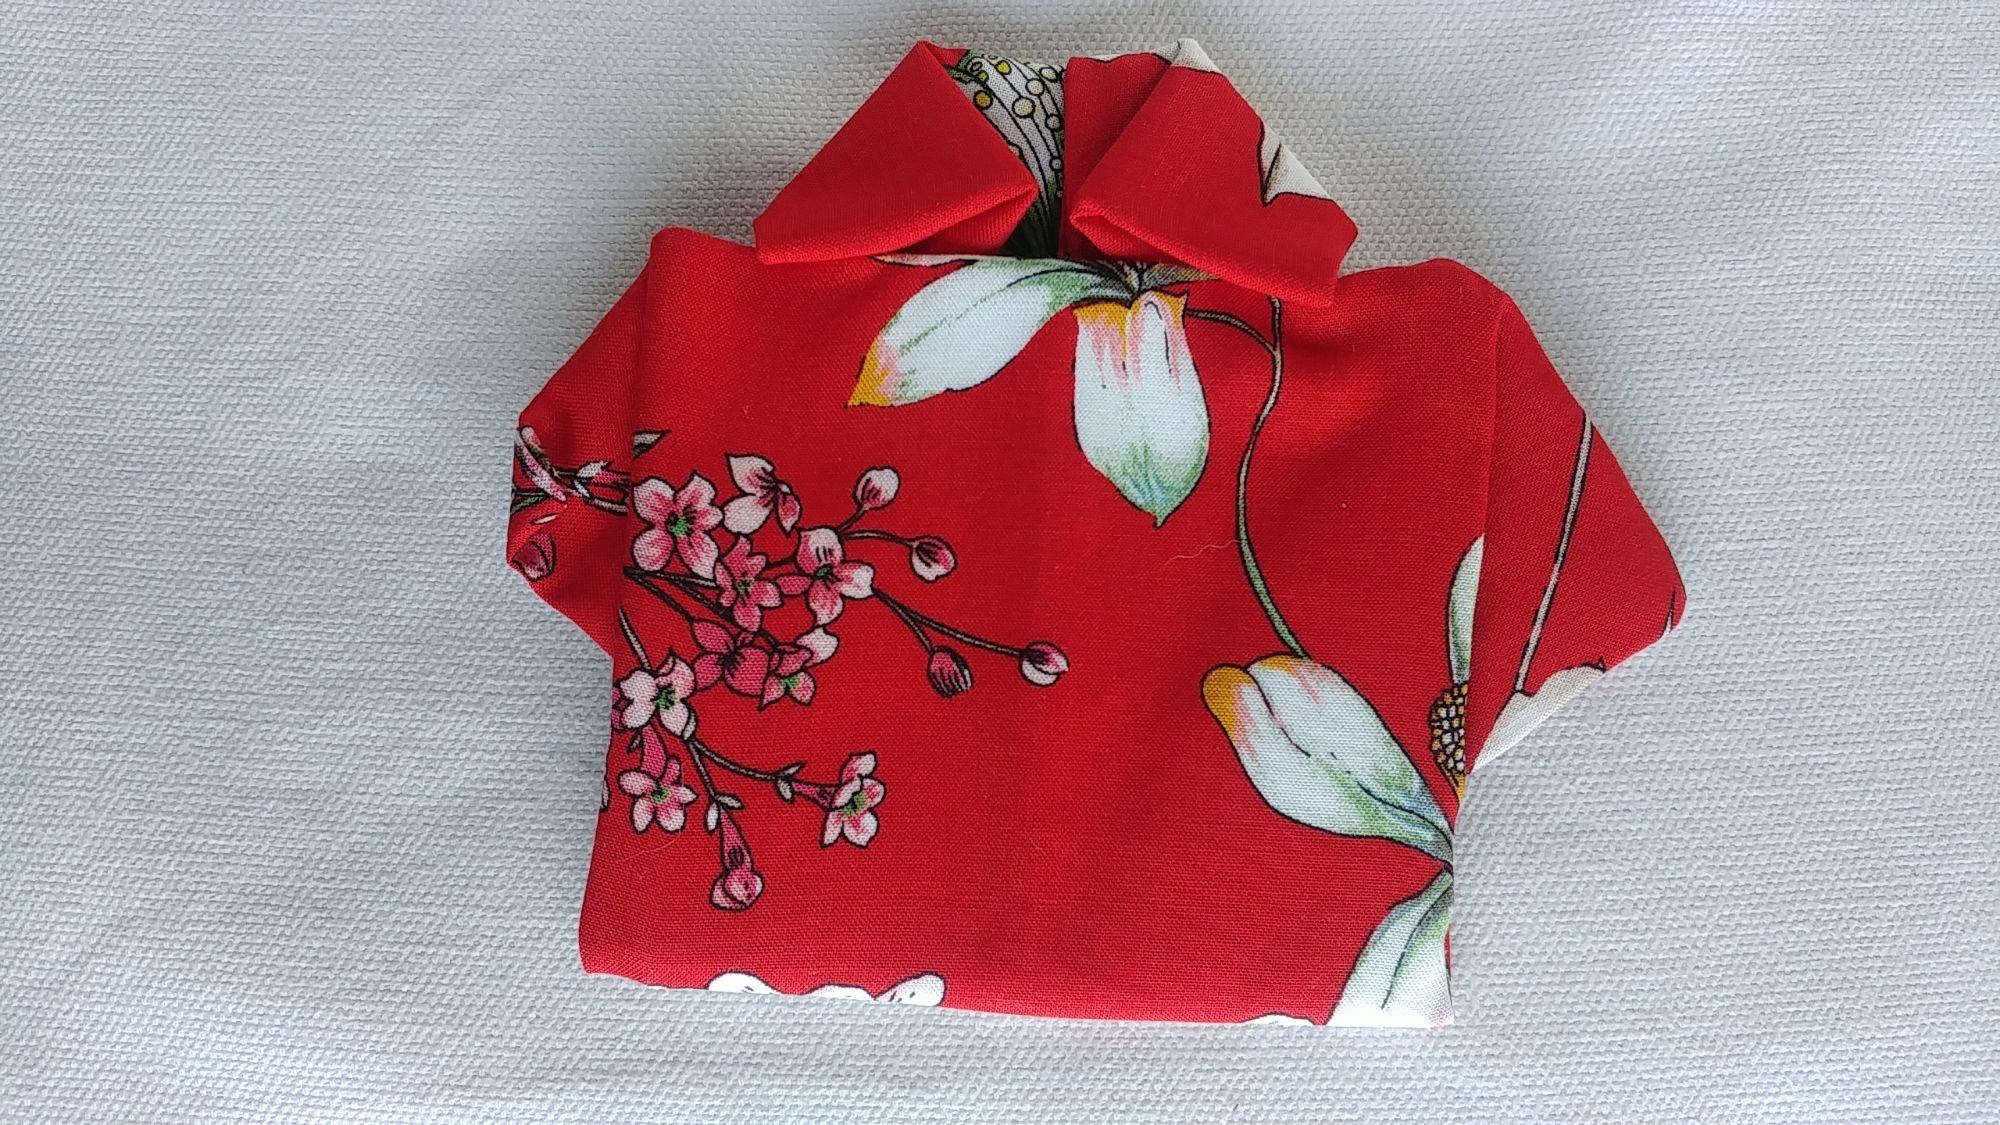 profuma-cassetti-origami-or1